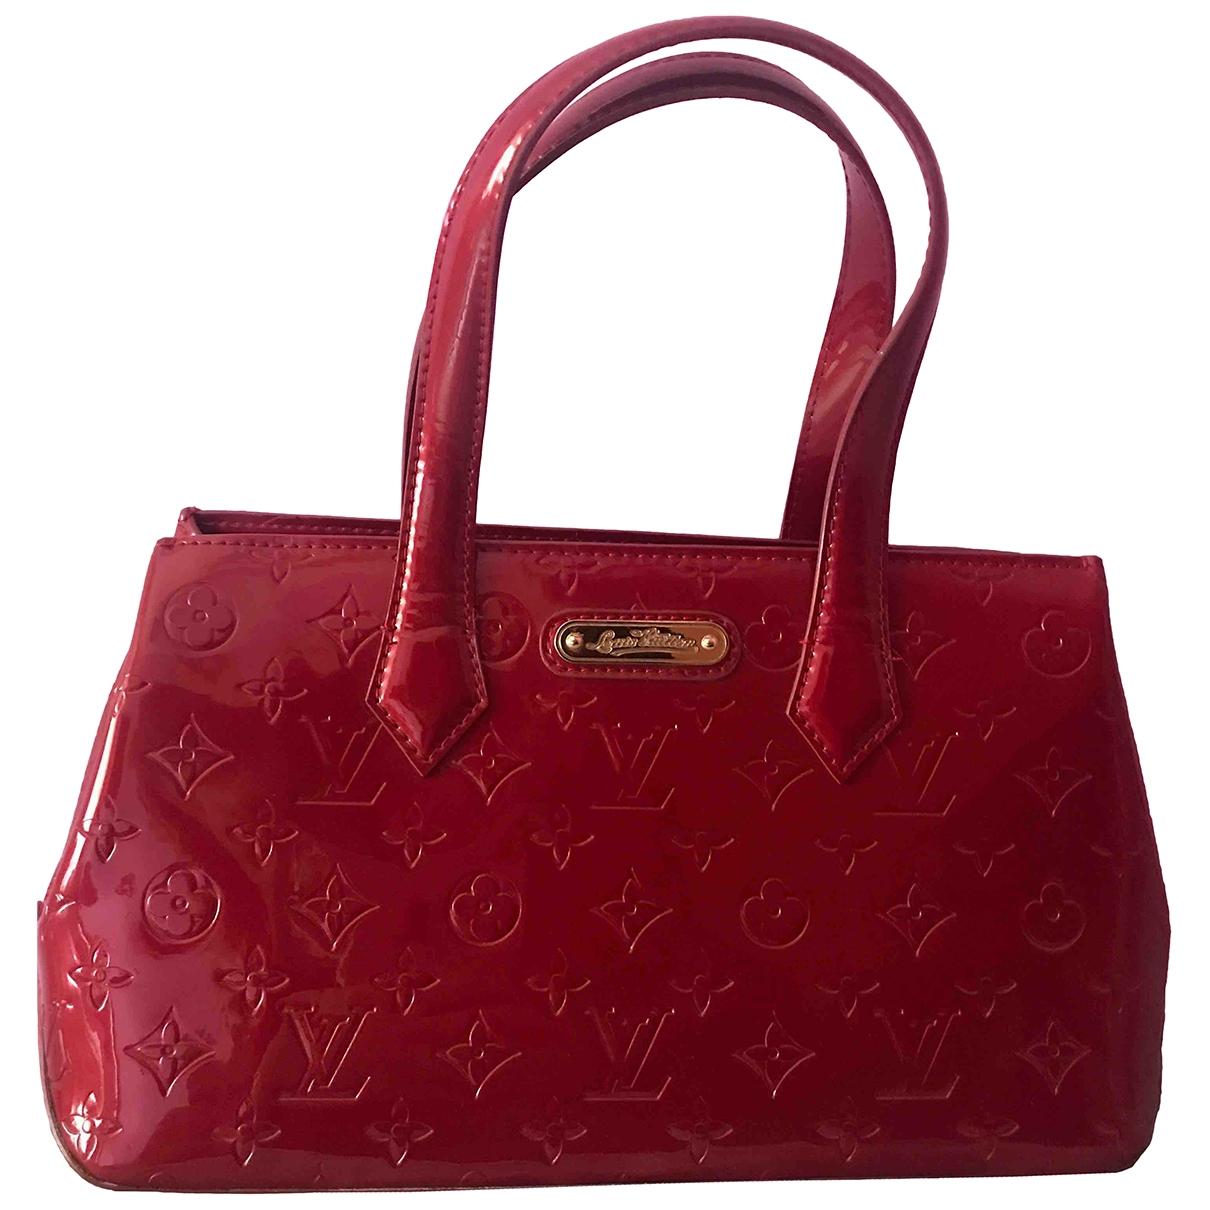 Louis Vuitton - Sac a main Wilshire pour femme en cuir verni - bordeaux